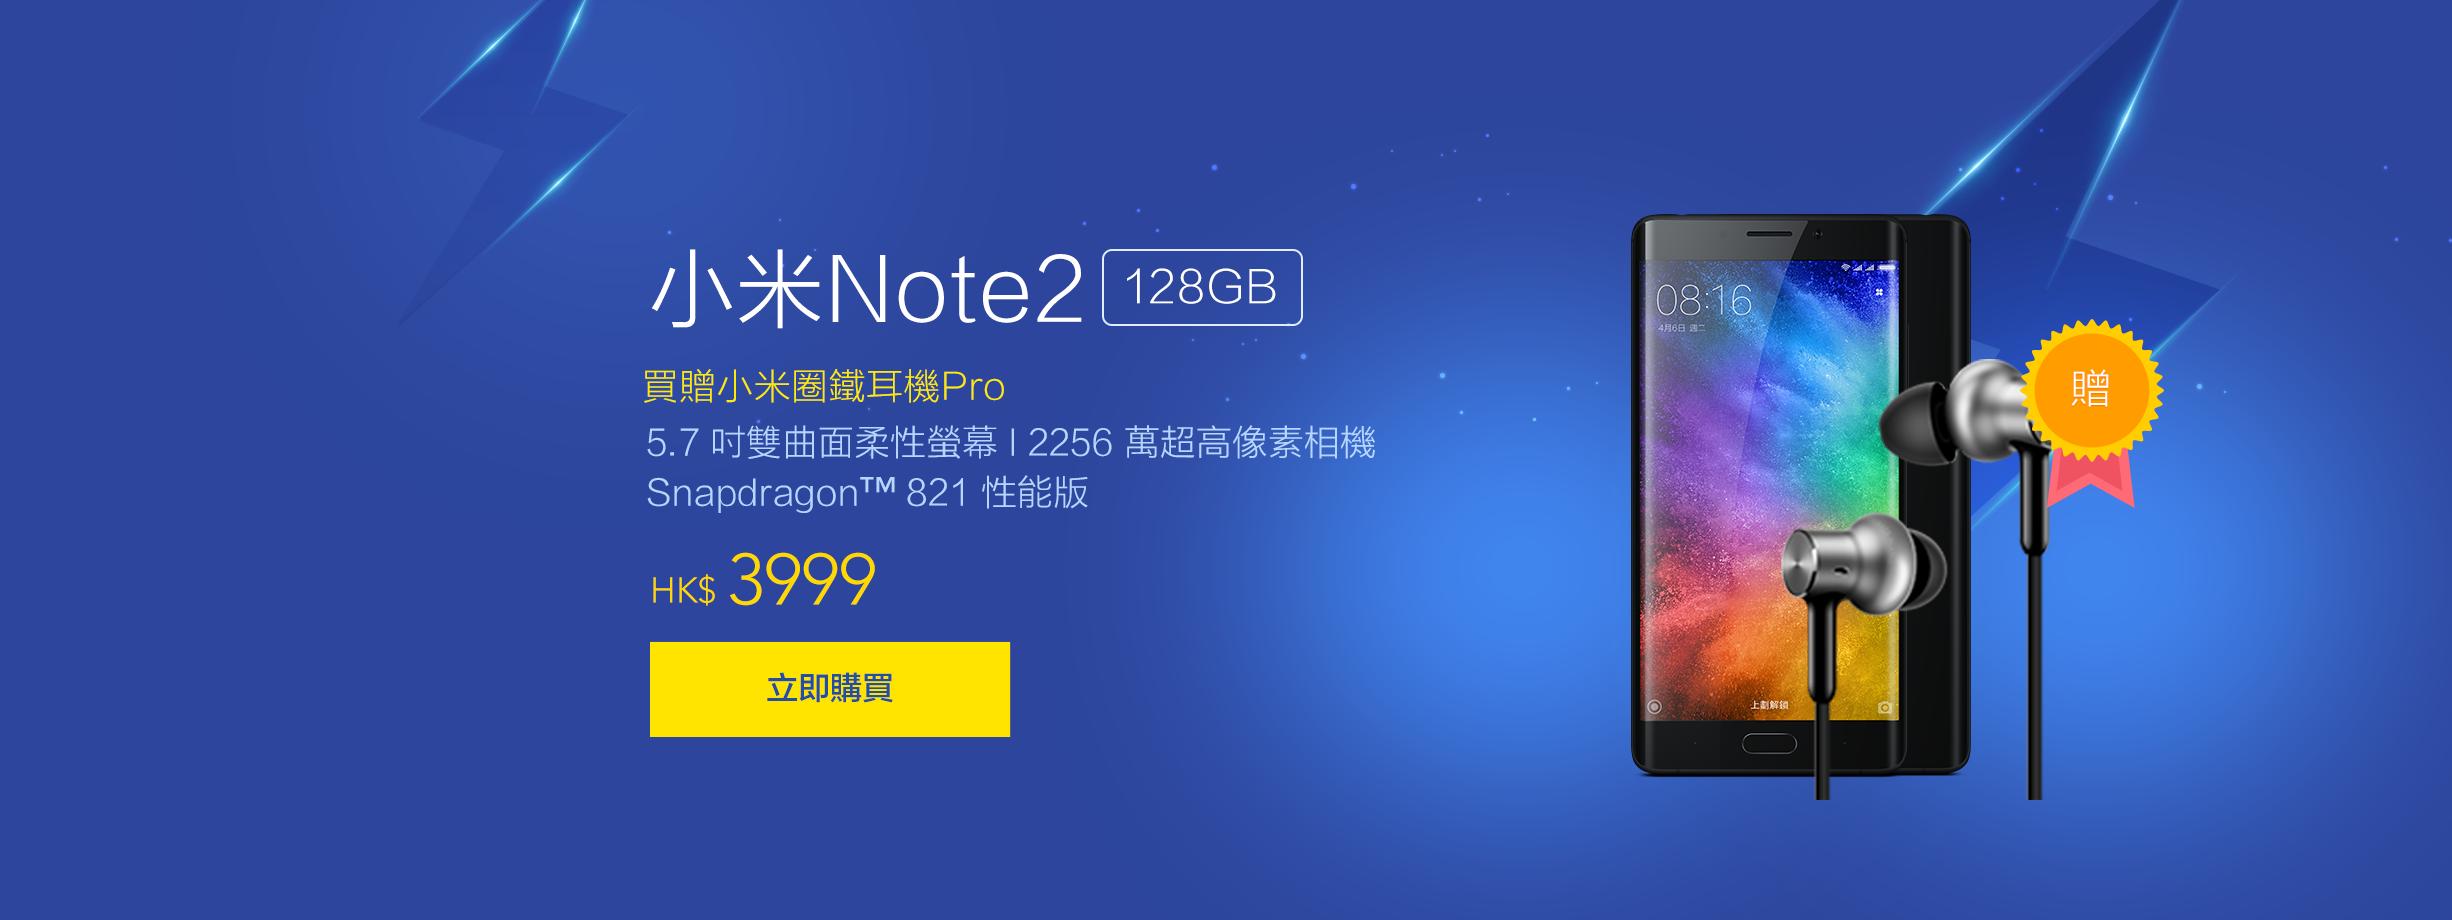 小米note2送圈铁pro